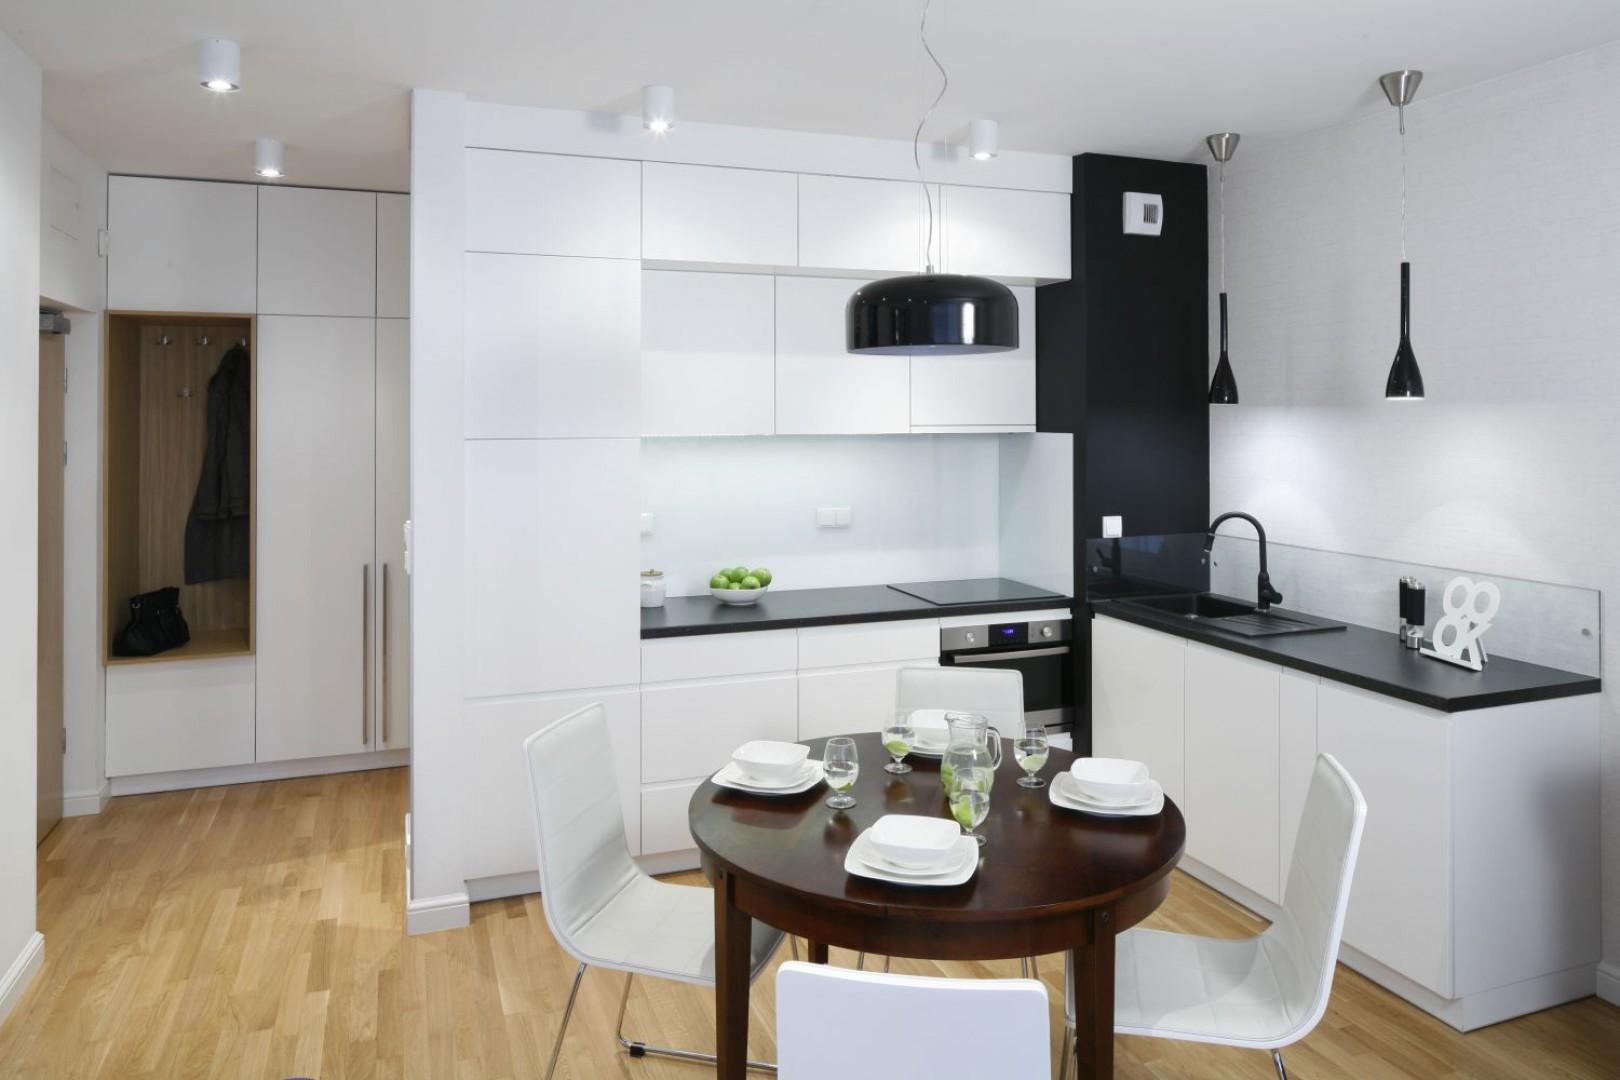 Jasna kuchnia w kształcie litery L to doskonała propozycja do małego mieszkania, gdzie przestrzeń kuchenna połączona jest z dzienną. W tym wnętrzu nowoczesność łączy się z klasyką. Projekt: Ewa Para. Fot. Bartosz Jarosz